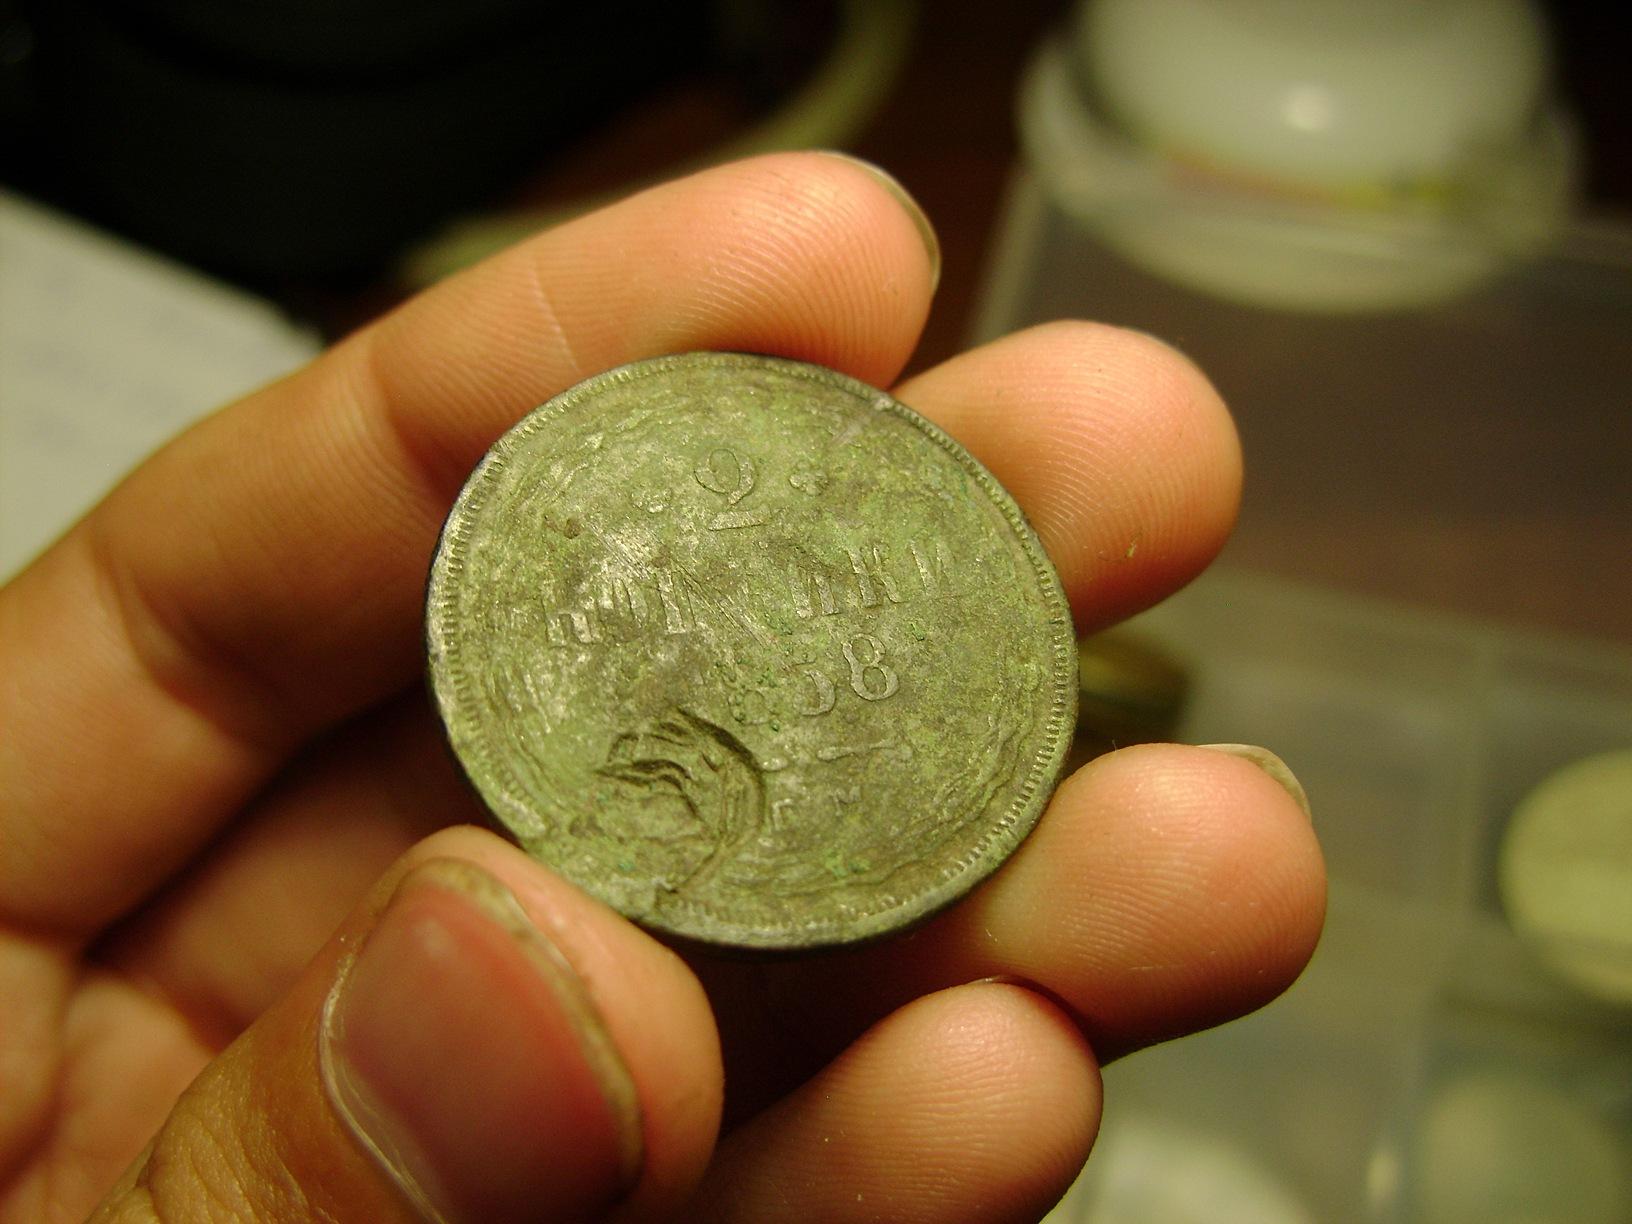 как четко снять фото старинной монеты часто бывает нужно